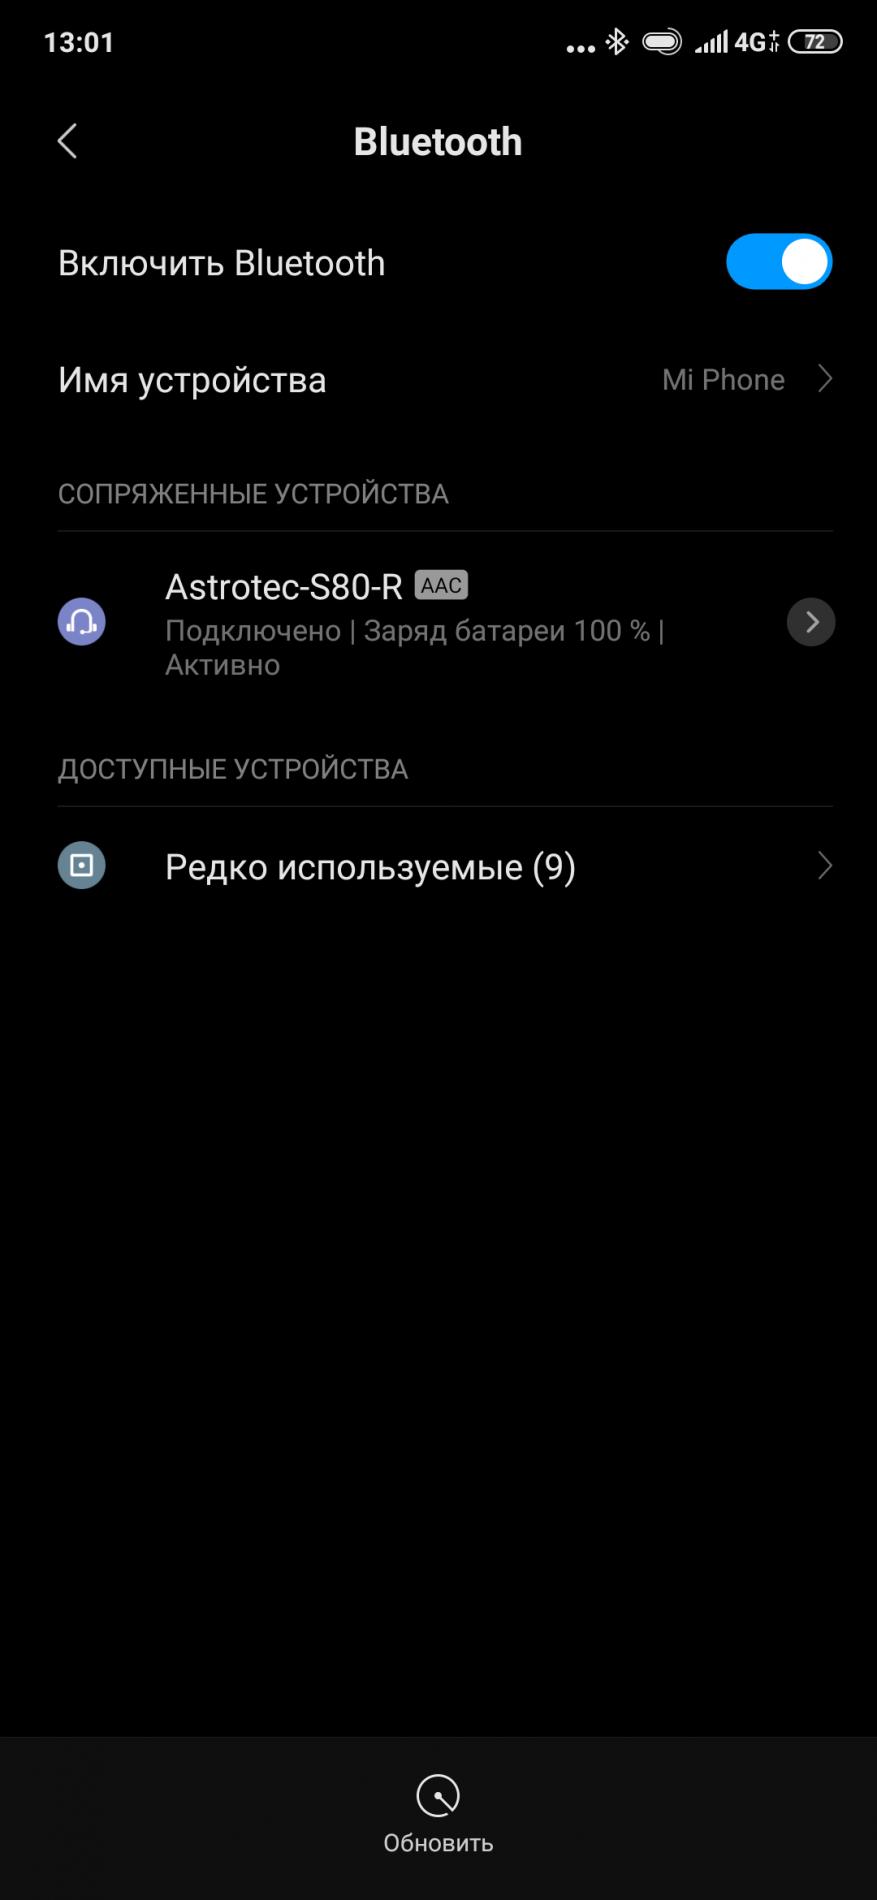 سماعات الرأس اللاسلكية Astrotec S80 Bluetooth مع التحكم باللمس 22